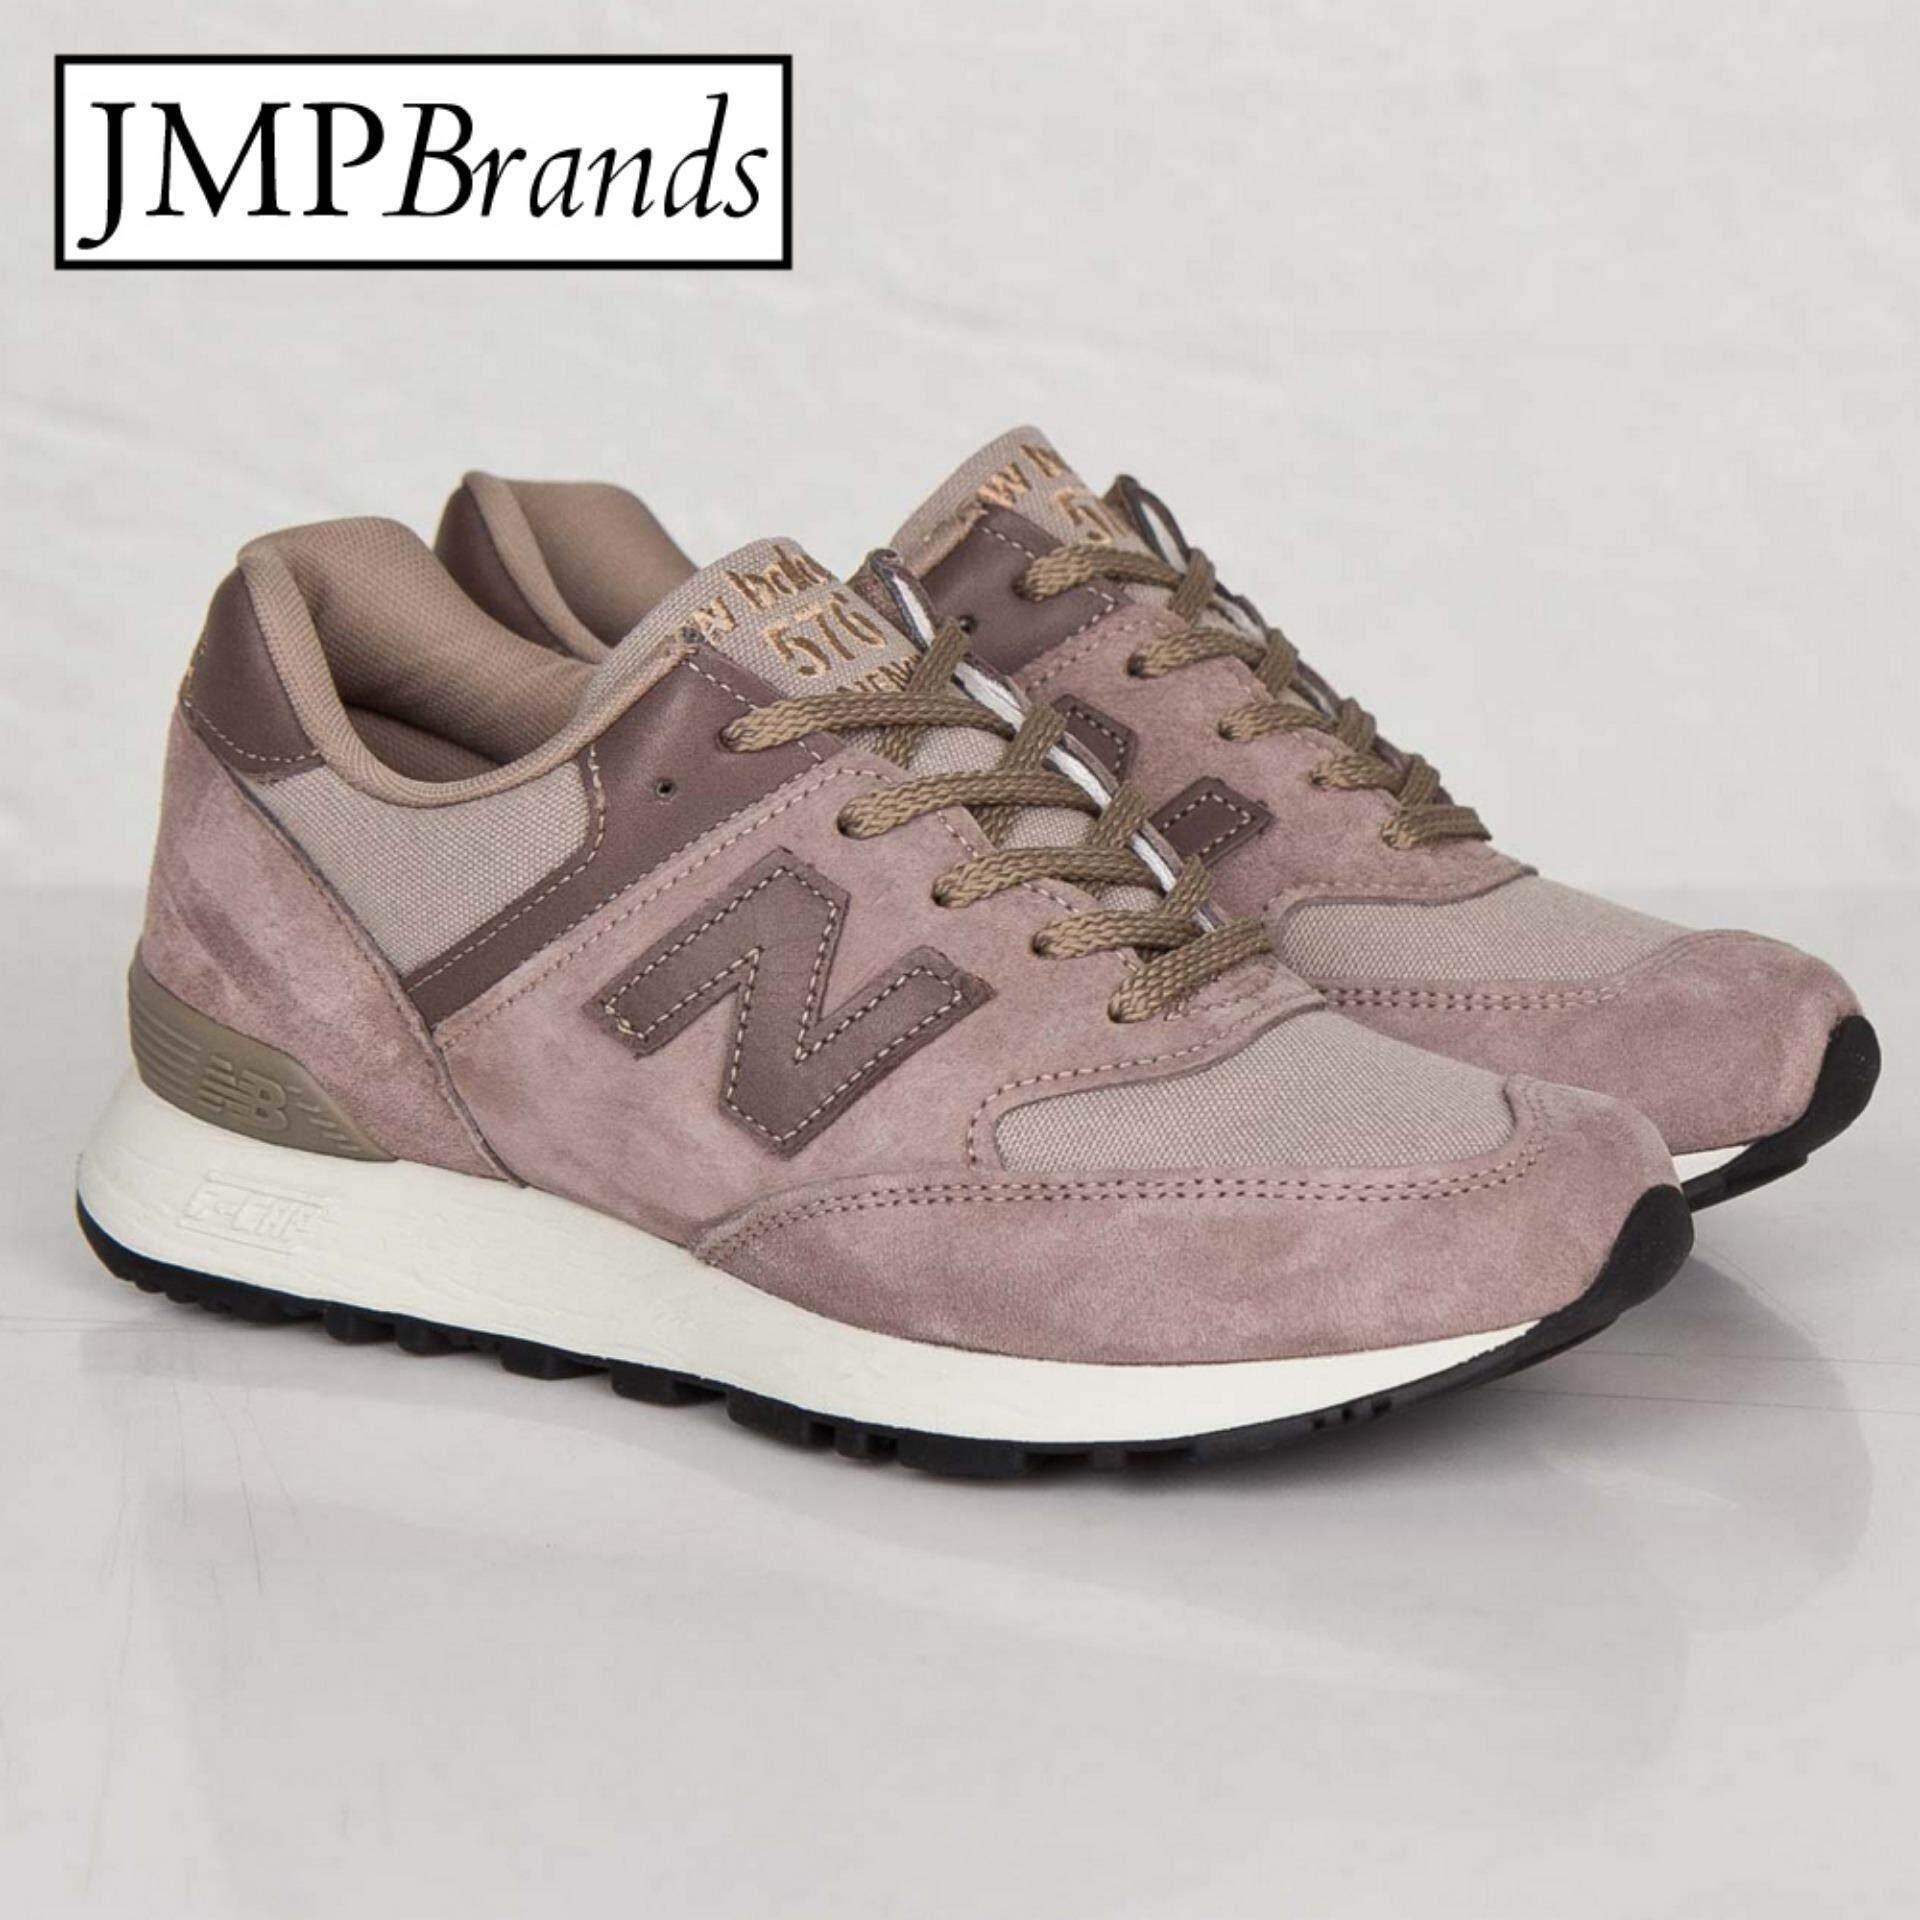 ซื้อ New Balance นิวบาลานซ์ สำหรับผู้หญิง รุ่น M576Fc รองเท้าผ้าใบสำหรับวิ่งออกกำลังกาย สีน้ำตาลอ่อน